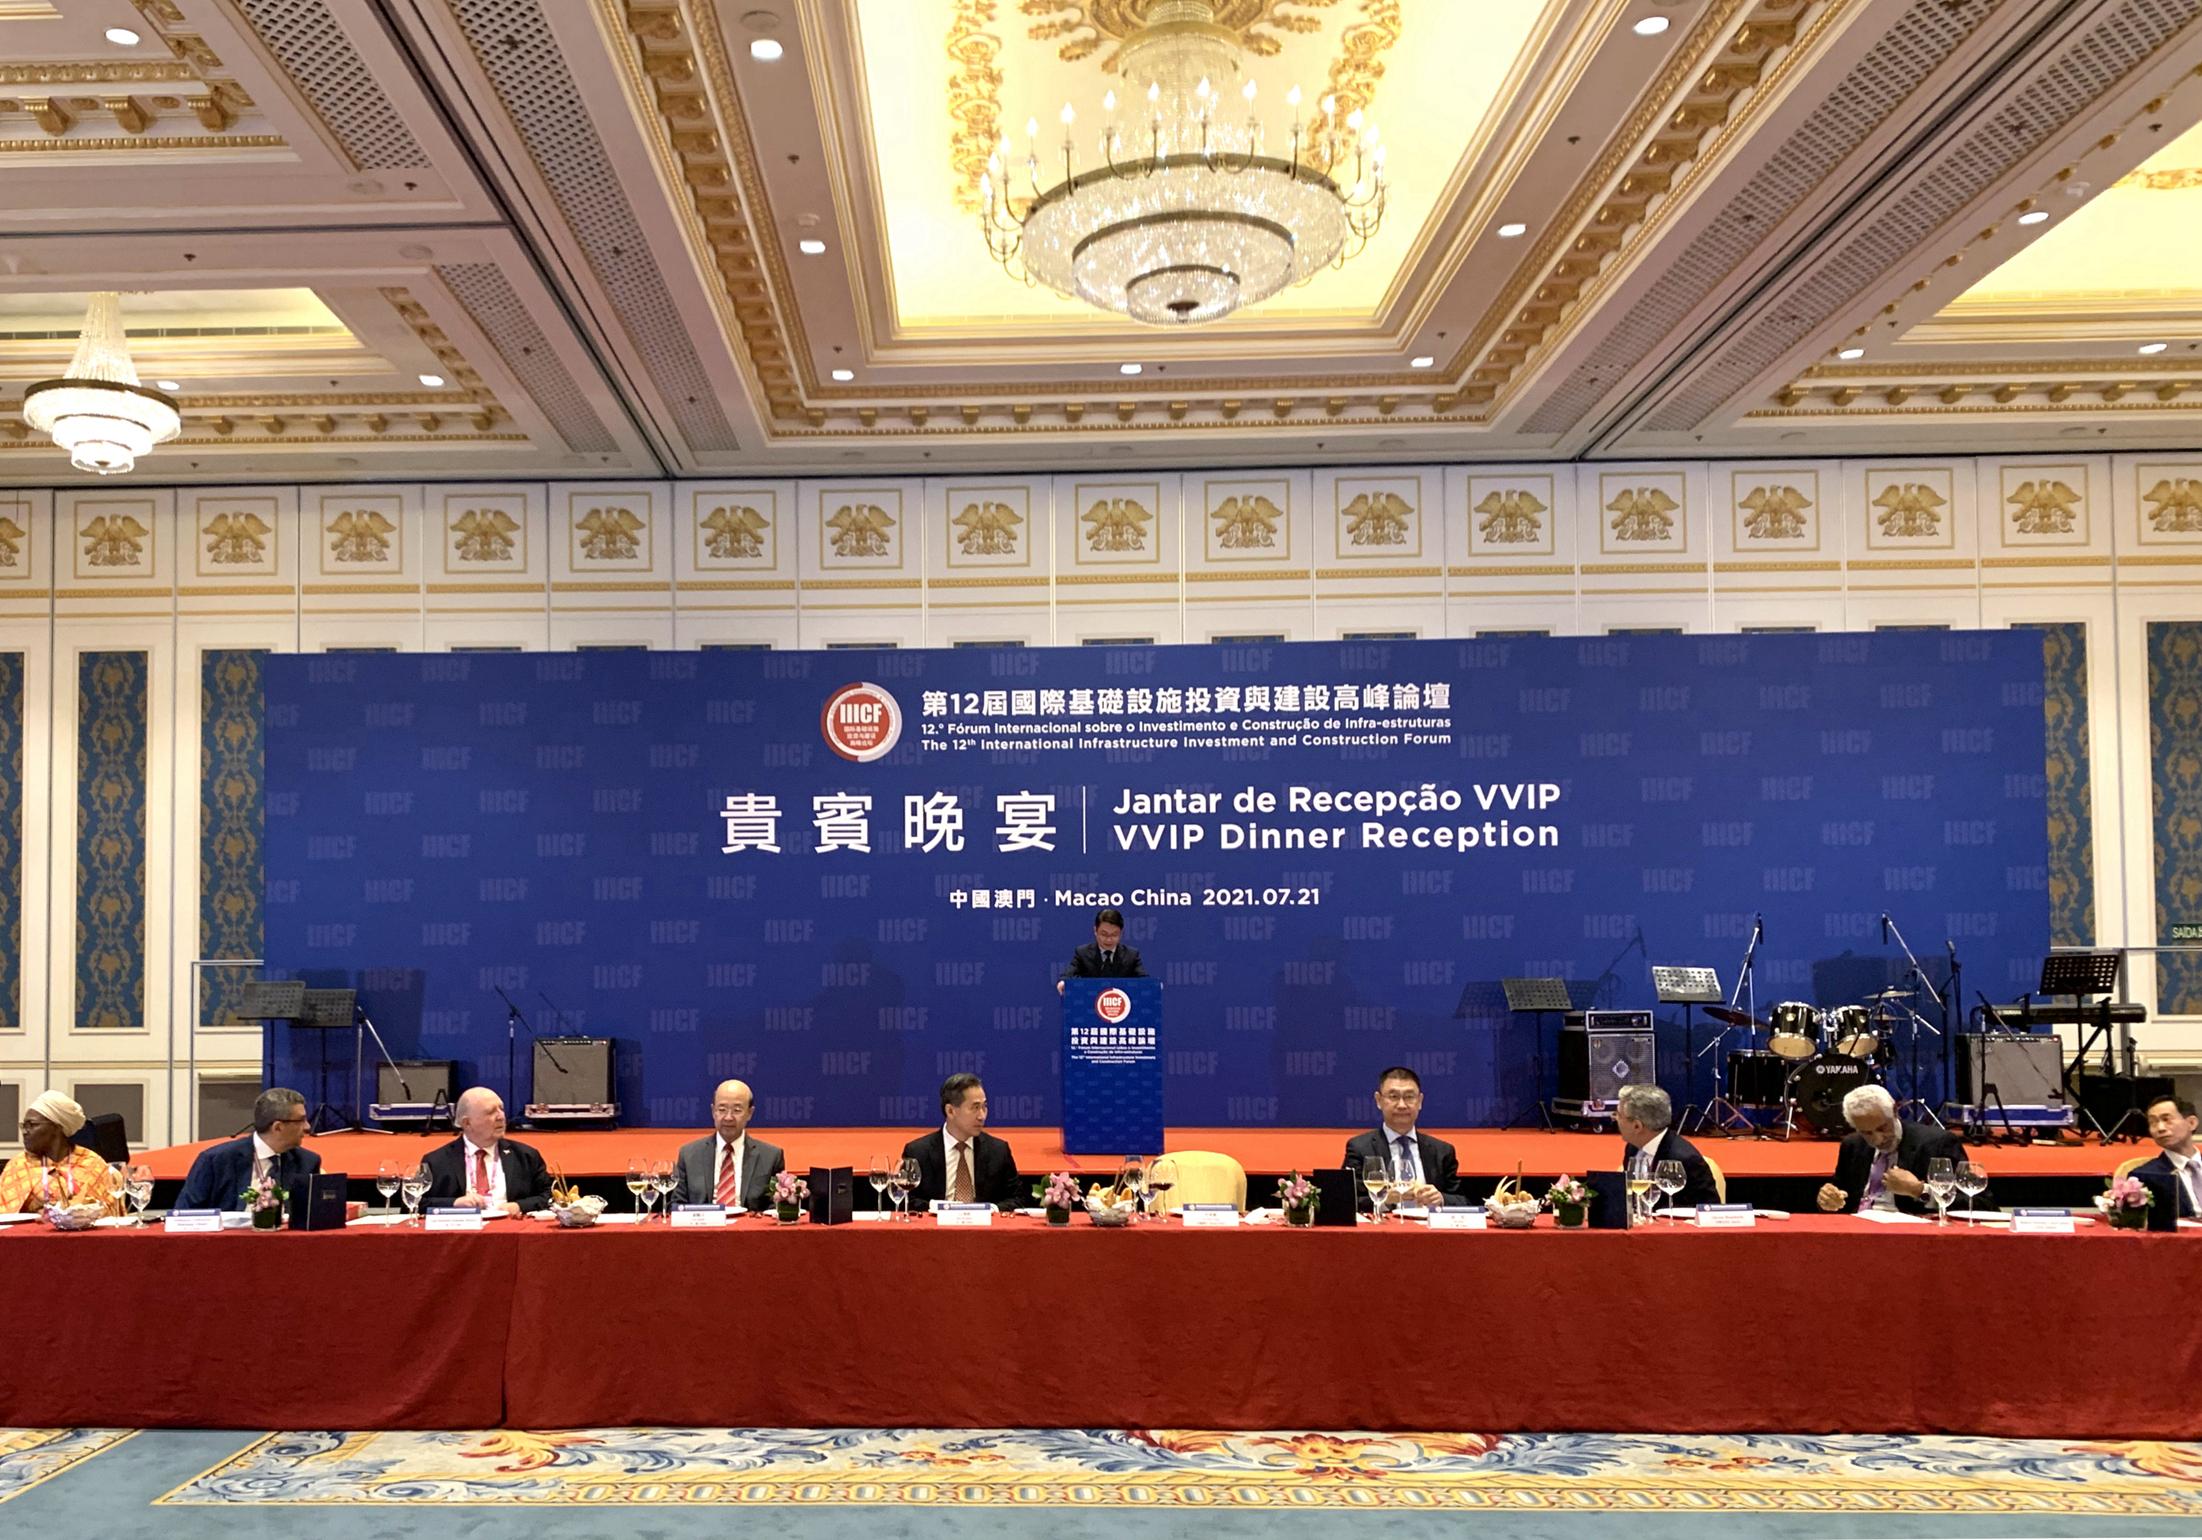 第12届国际基础设施投资与建设高峰论坛贵宾晚宴在澳门举行